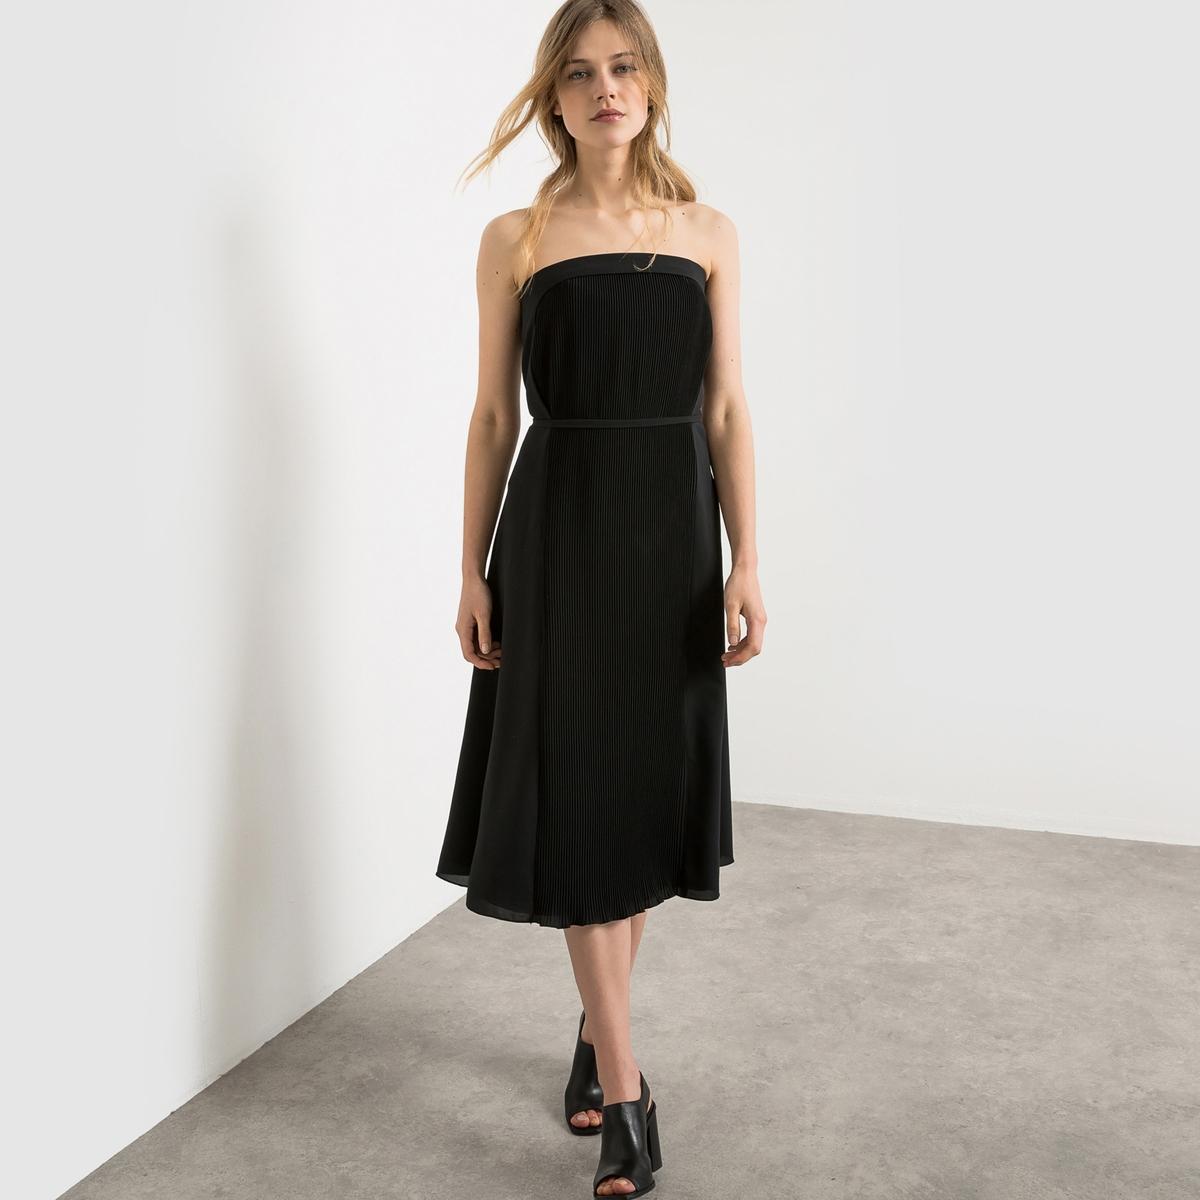 Платье длинноеДлинное платье на регулируемых и съемных бретелях . Полочка платья спереди с плиссировкой . Скрытая застежка на молнию сбоку. Встроенный лиф .Состав и описание : Материал: 97% полиэстера, 3% эластанаПодкладка 100% полиэстера Длина  120 см Марка  Carven для La Redoute Уход :Машинная стирка при 30° на деликатном режиме Стирать и гладить с изнанкиМашинная сушка запрещенаГладить на низкой температуреМодный Дом Carven создал для La Redoute весенне-летнюю коллекцию, которая так и манит отправиться в путешествие.Вдохновленная униформой стюардесс, созданной мадам Карвен в 60-е, Алексис Марсьяль и Адриан Кайодо внесли оттенок легкости и воздушности в этот яркий гардероб.Превосходные плиссированные ткани - символ дизайнерского искусства и высокой техники обоих домов моды.<br><br>Цвет: черный